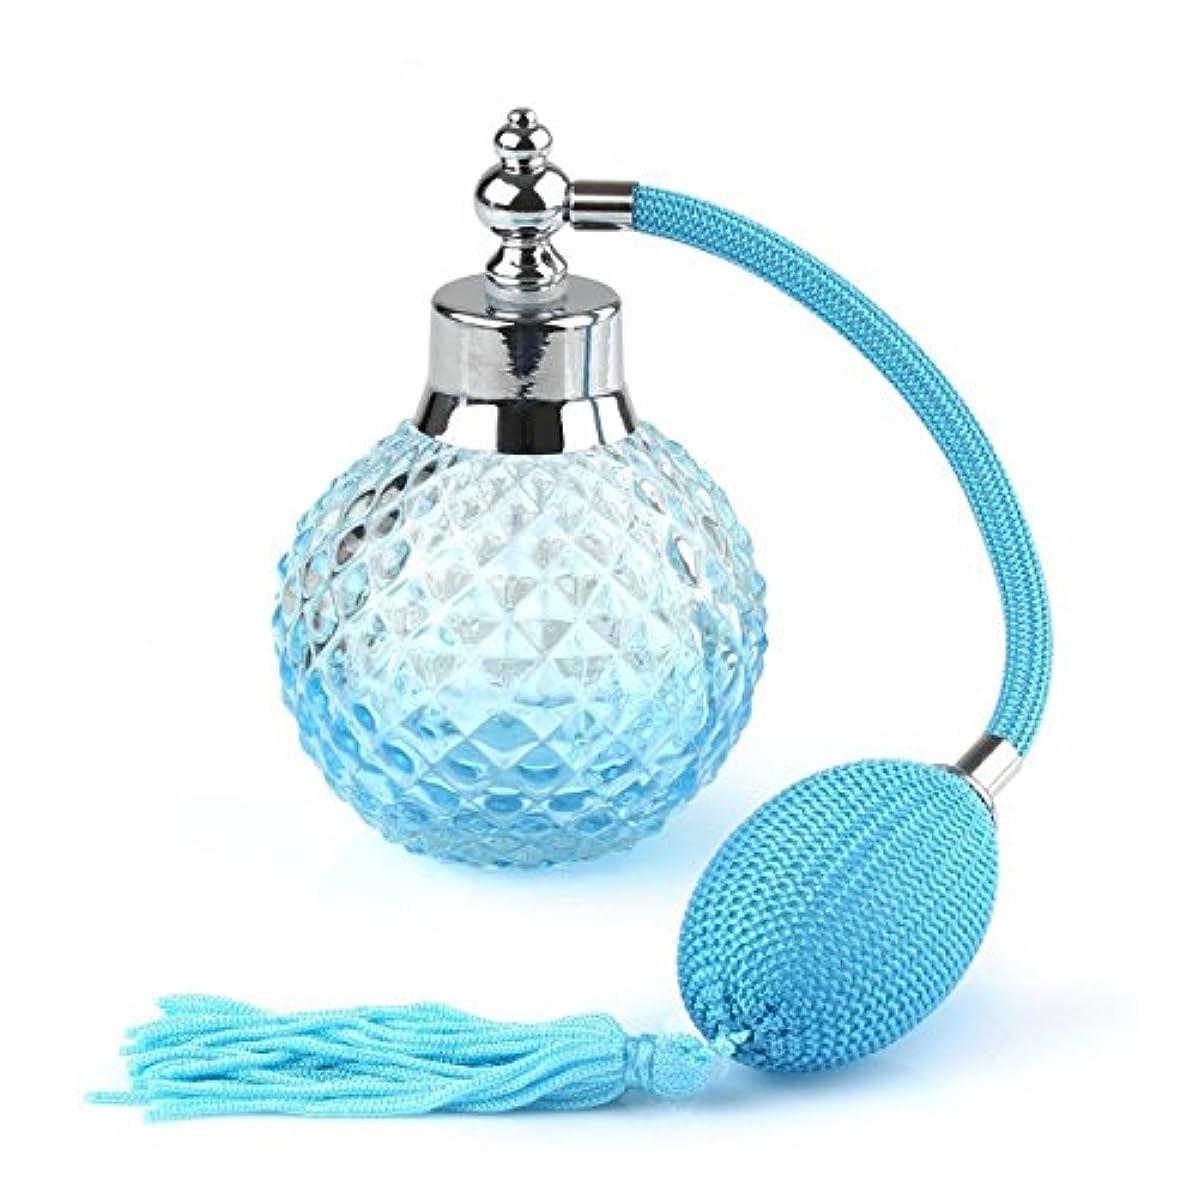 ドリルさようなら望むROSENICE クリスタル アトマイザー 香水瓶 スプレーボトル 100ml(ブルー)